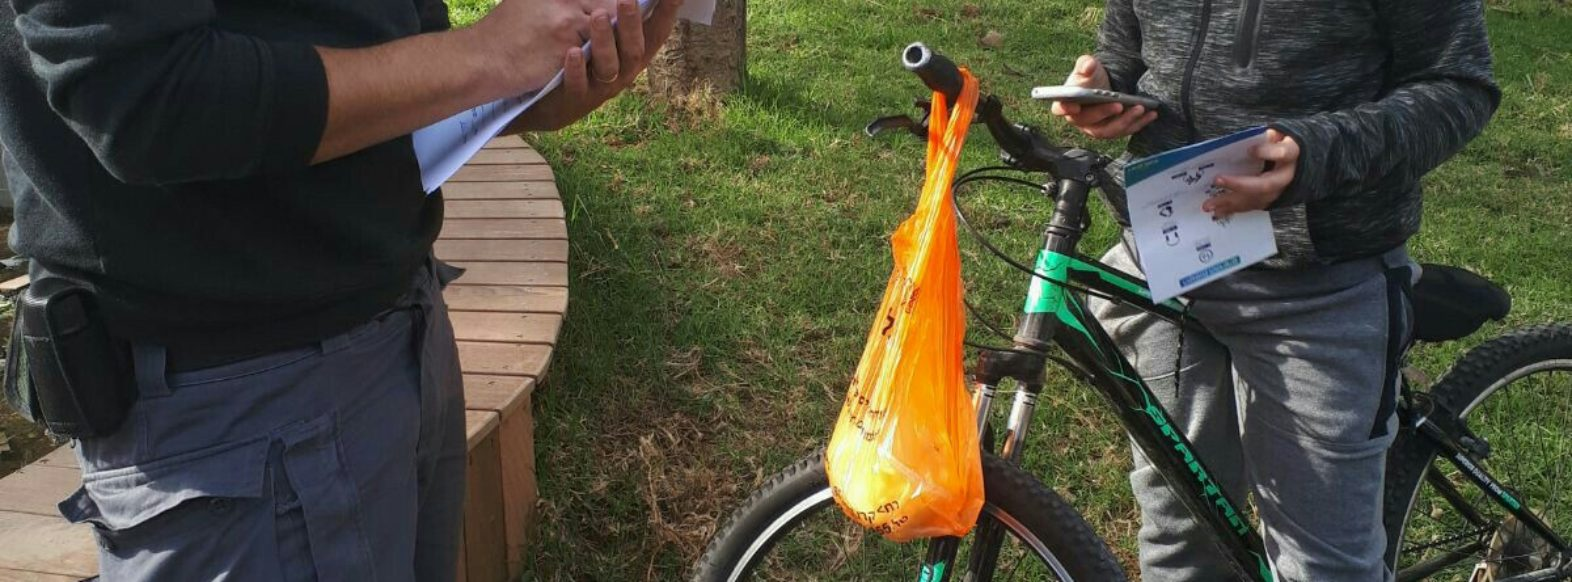 קריית ביאליק-פקחי הרשות יאכפו את נושא האופניים החשמליים